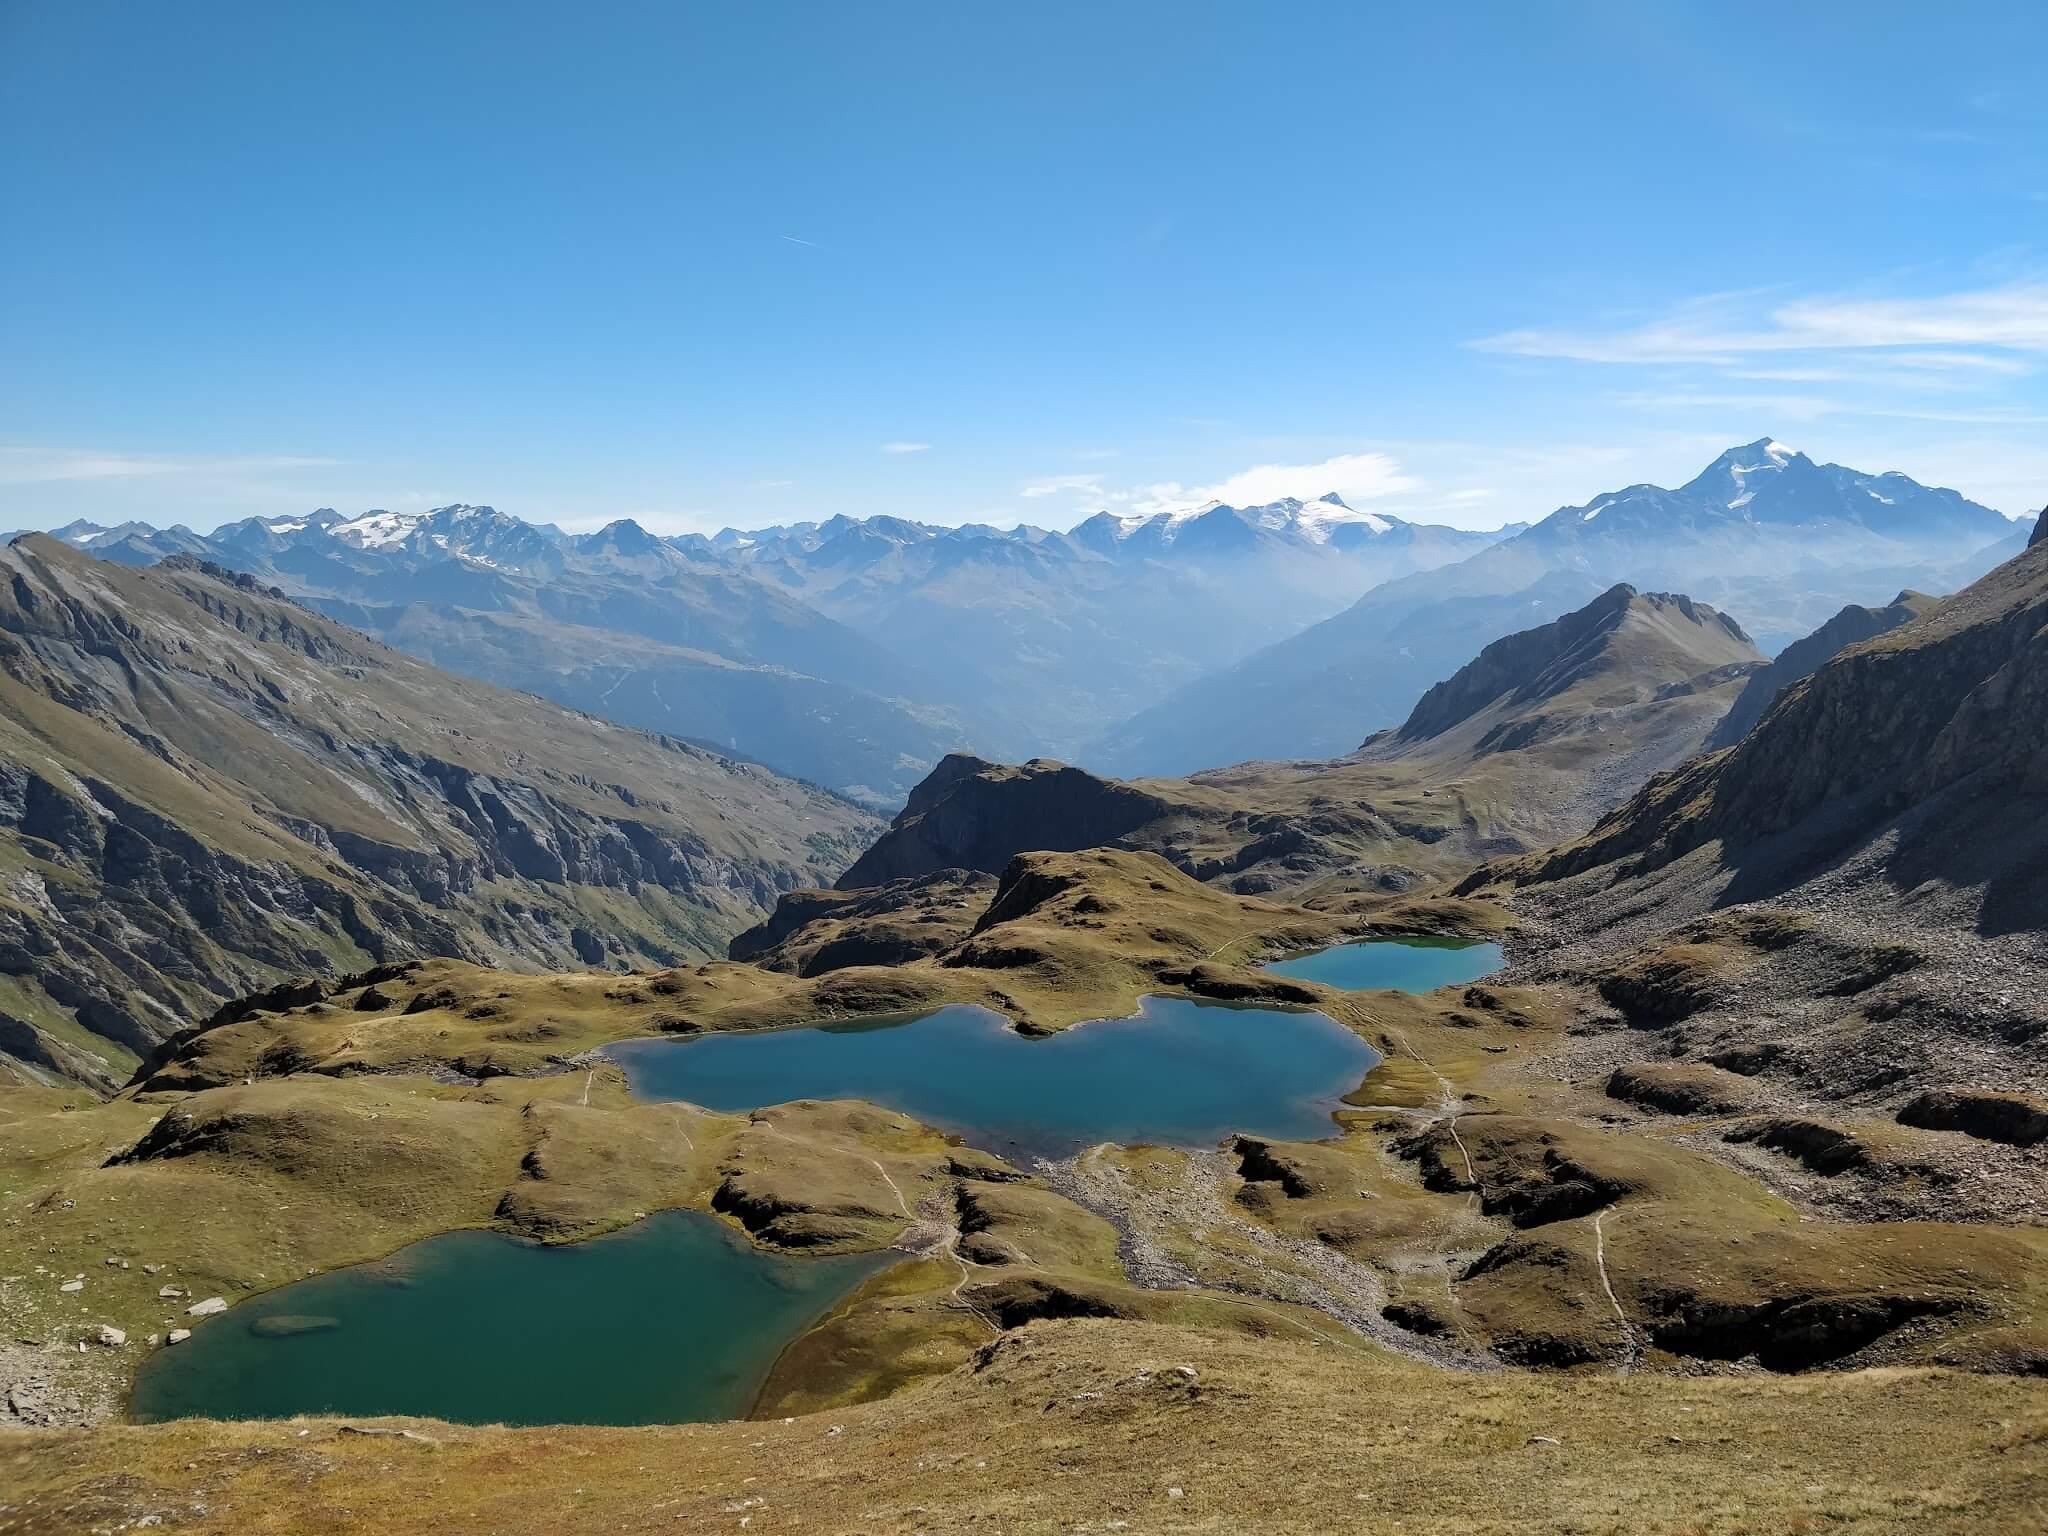 Lacs de Forclaz